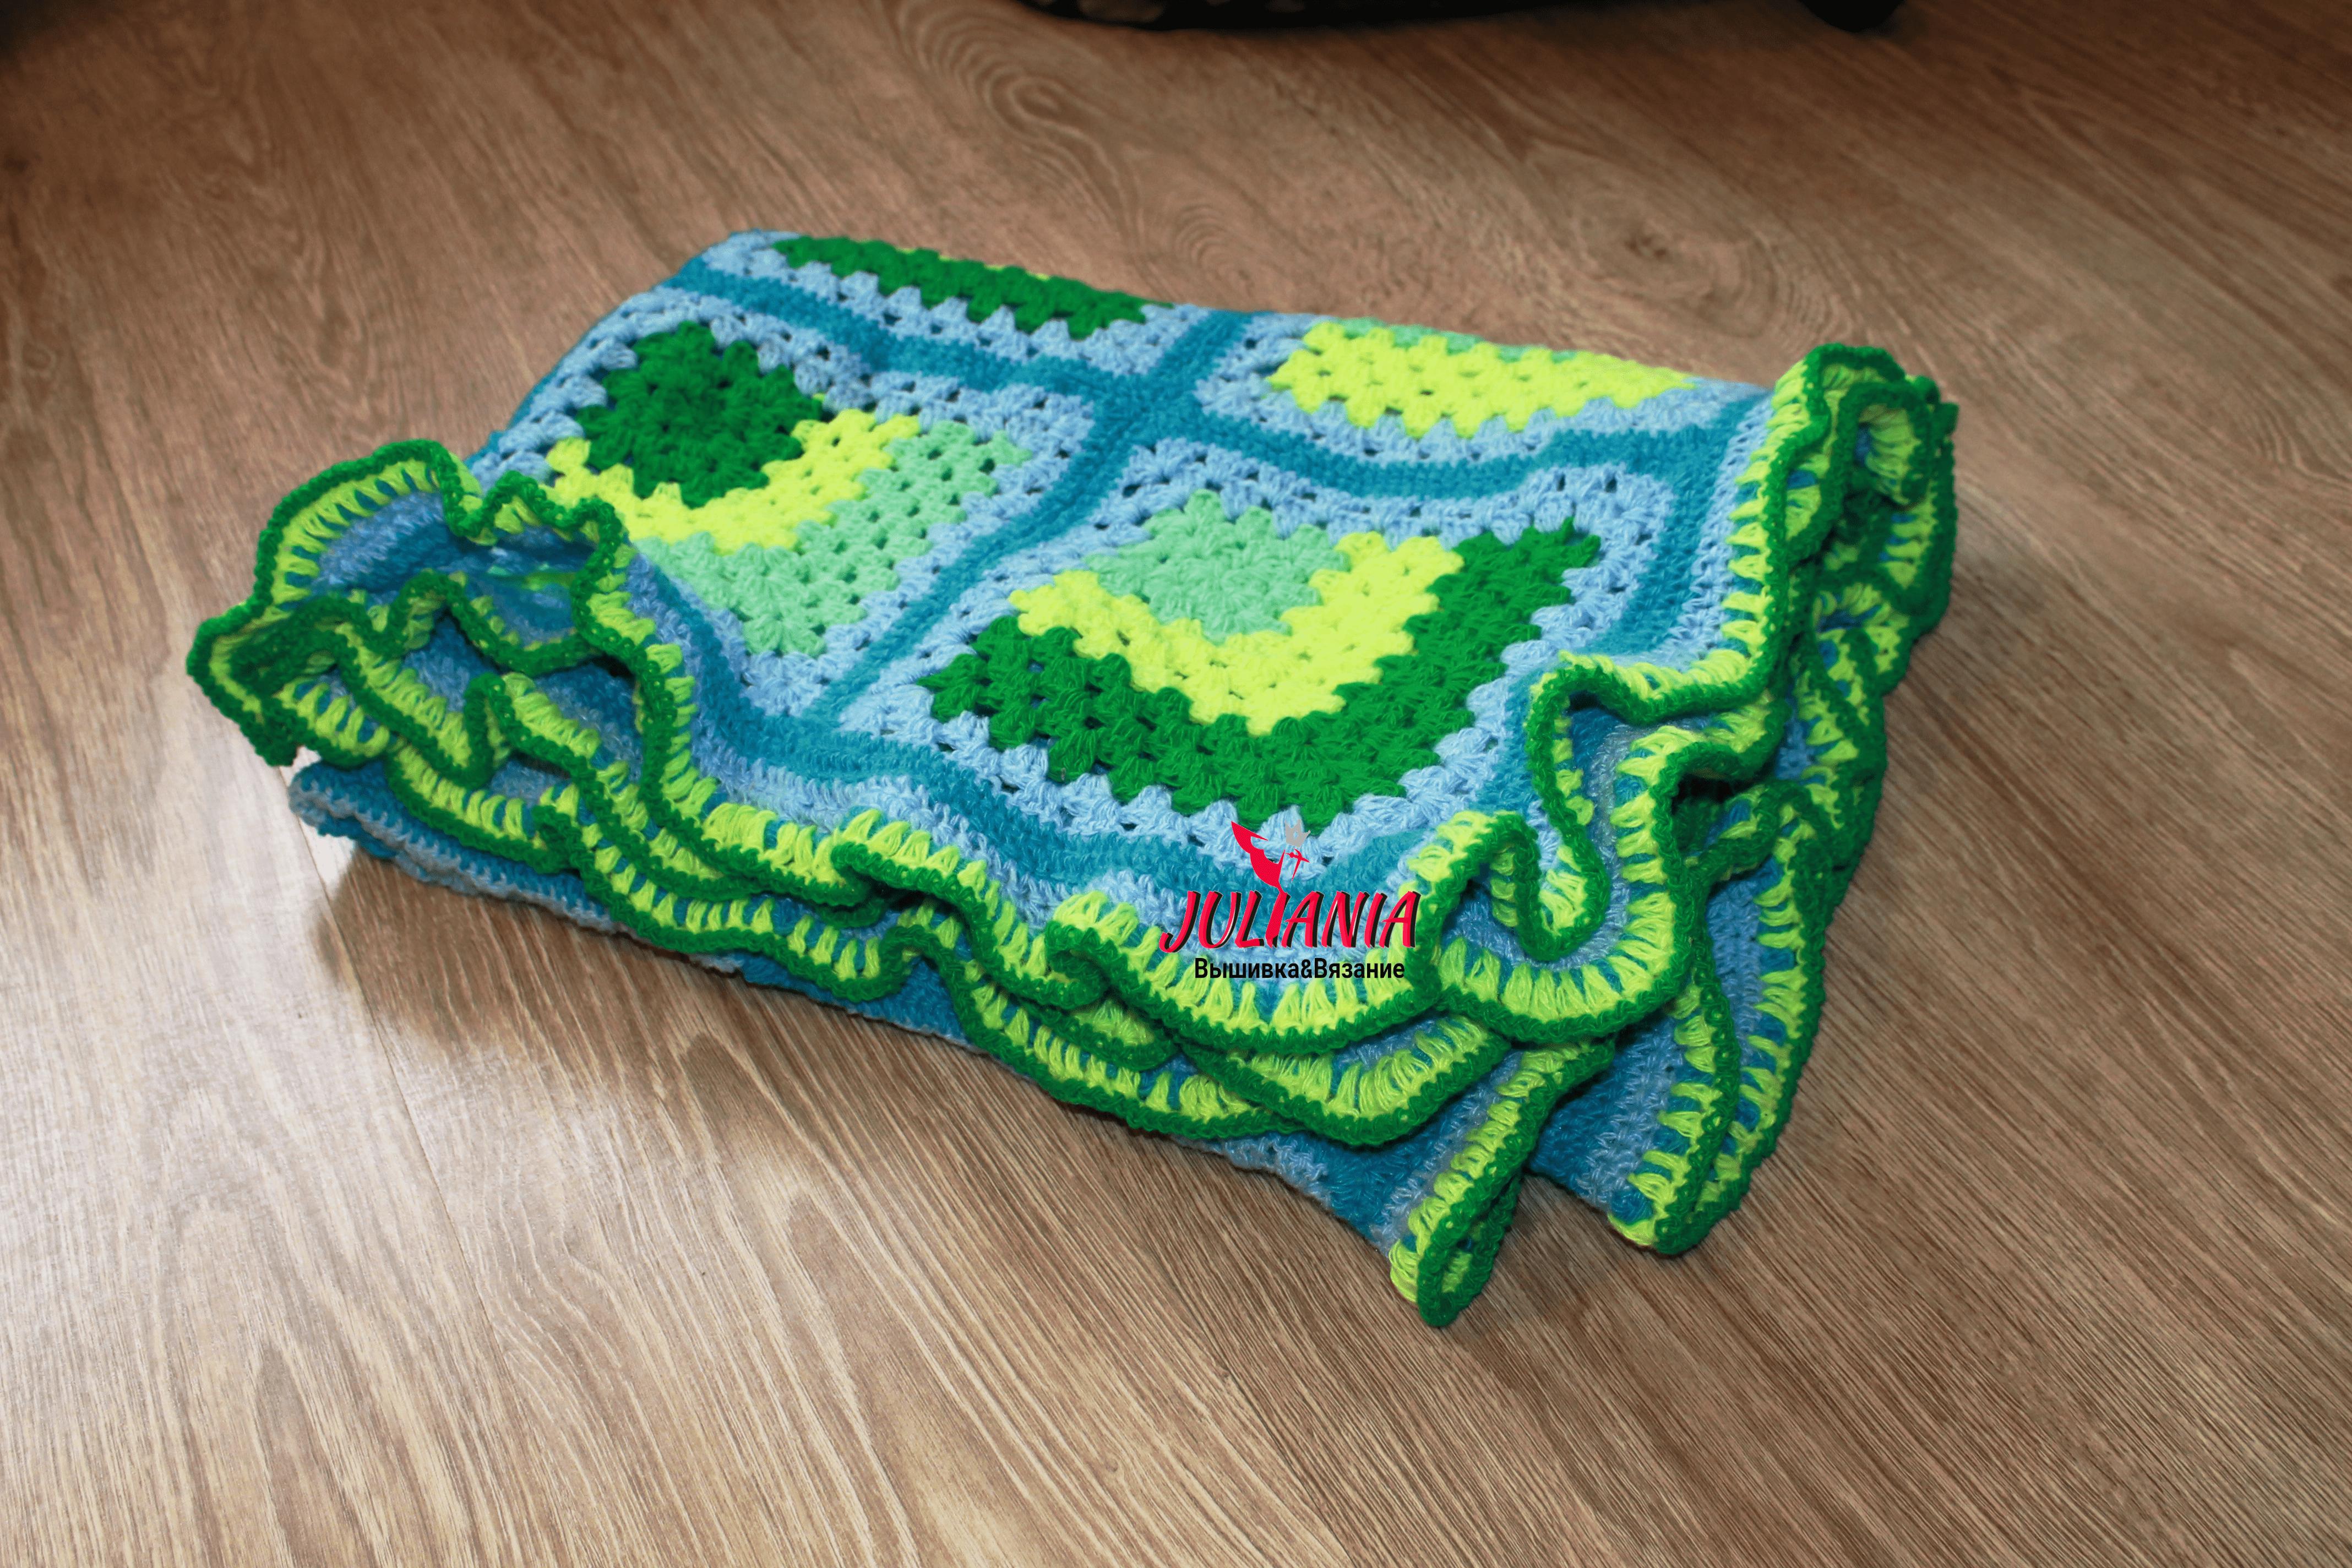 одеяло кроватку ковер детский купить для плед пол вязаный вязаныйплед коврик дома коврикдлядетей зеленый